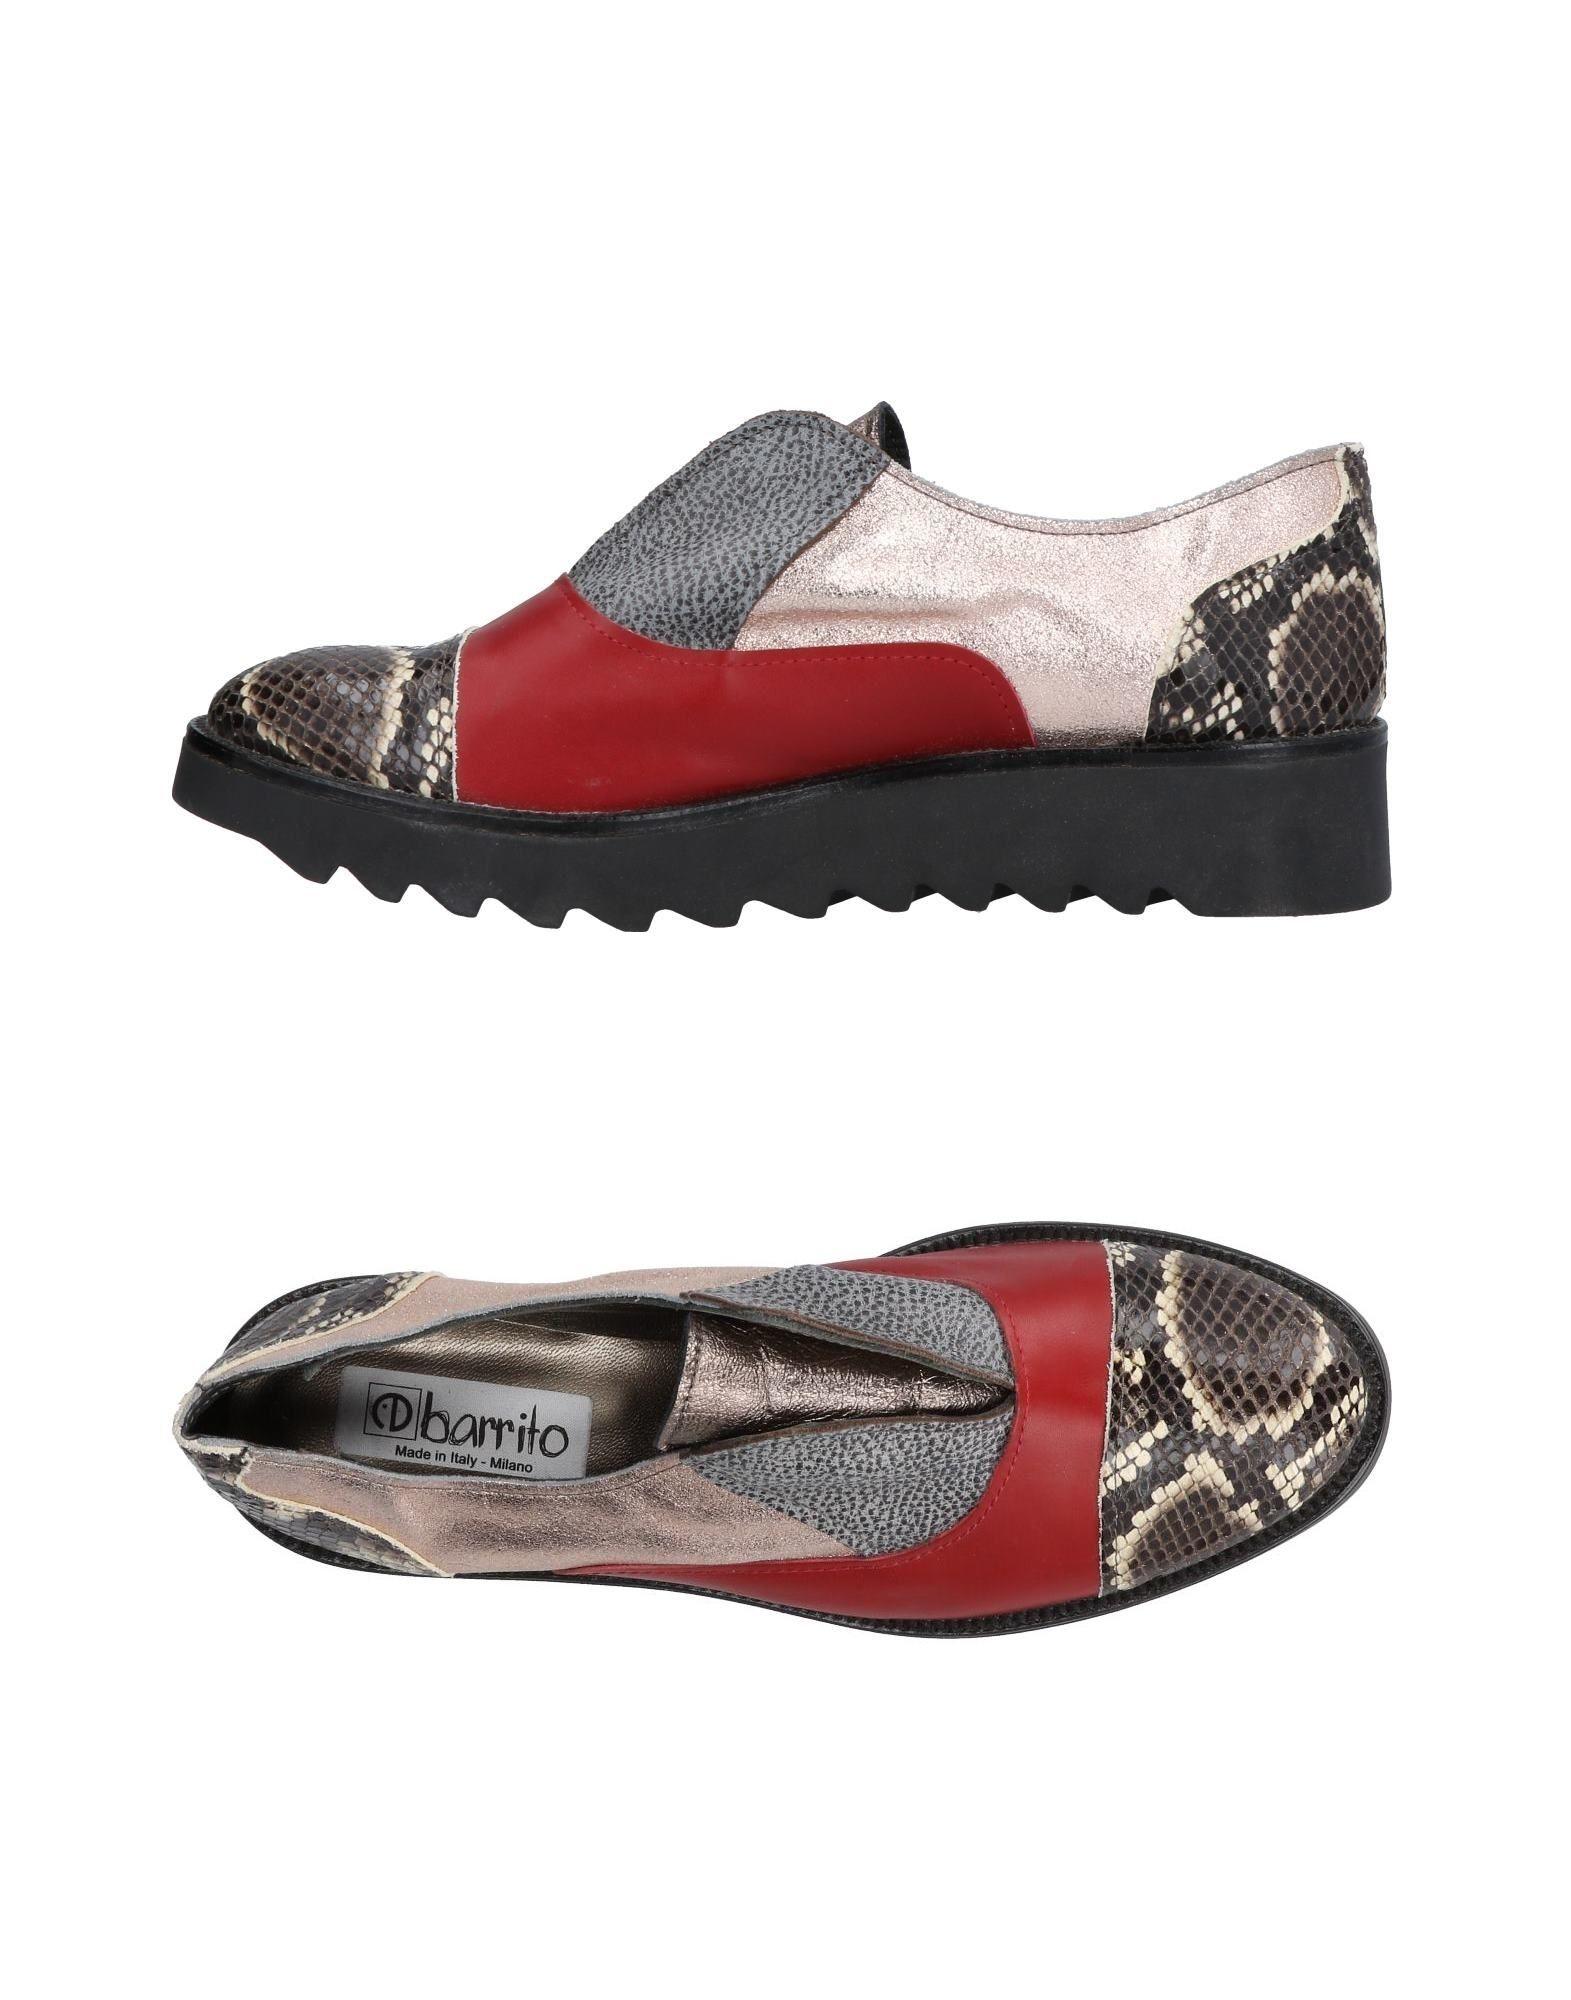 Ebarrito Mokassins Damen  11458840QX Gute Qualität beliebte Schuhe